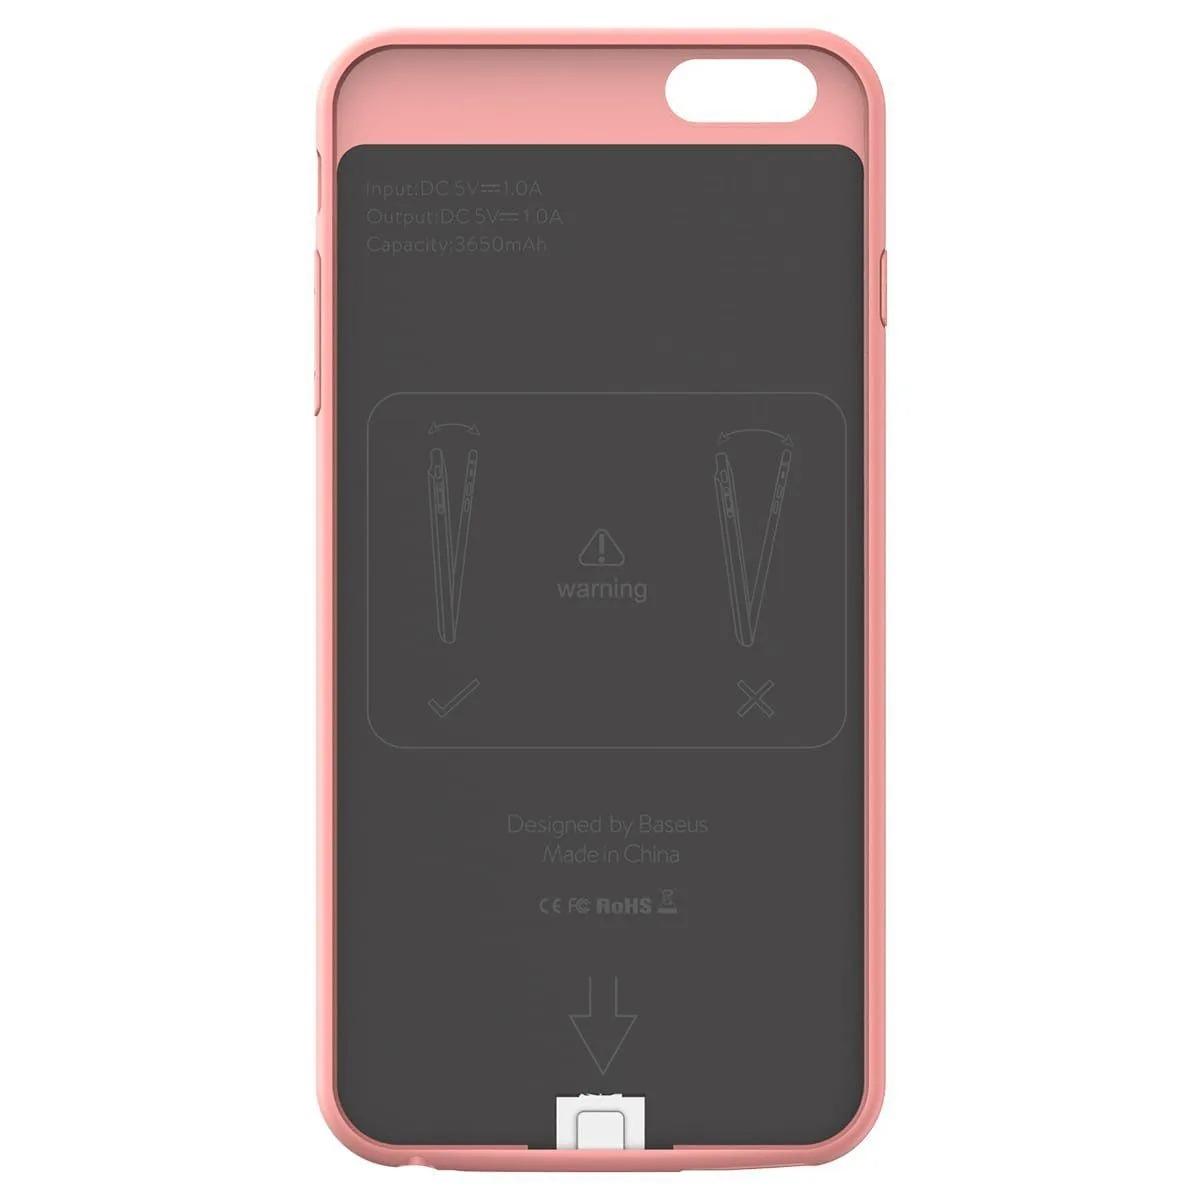 Capa Carregadora Baseus Plaid 2500mah Compatível com iPhone 6/6s